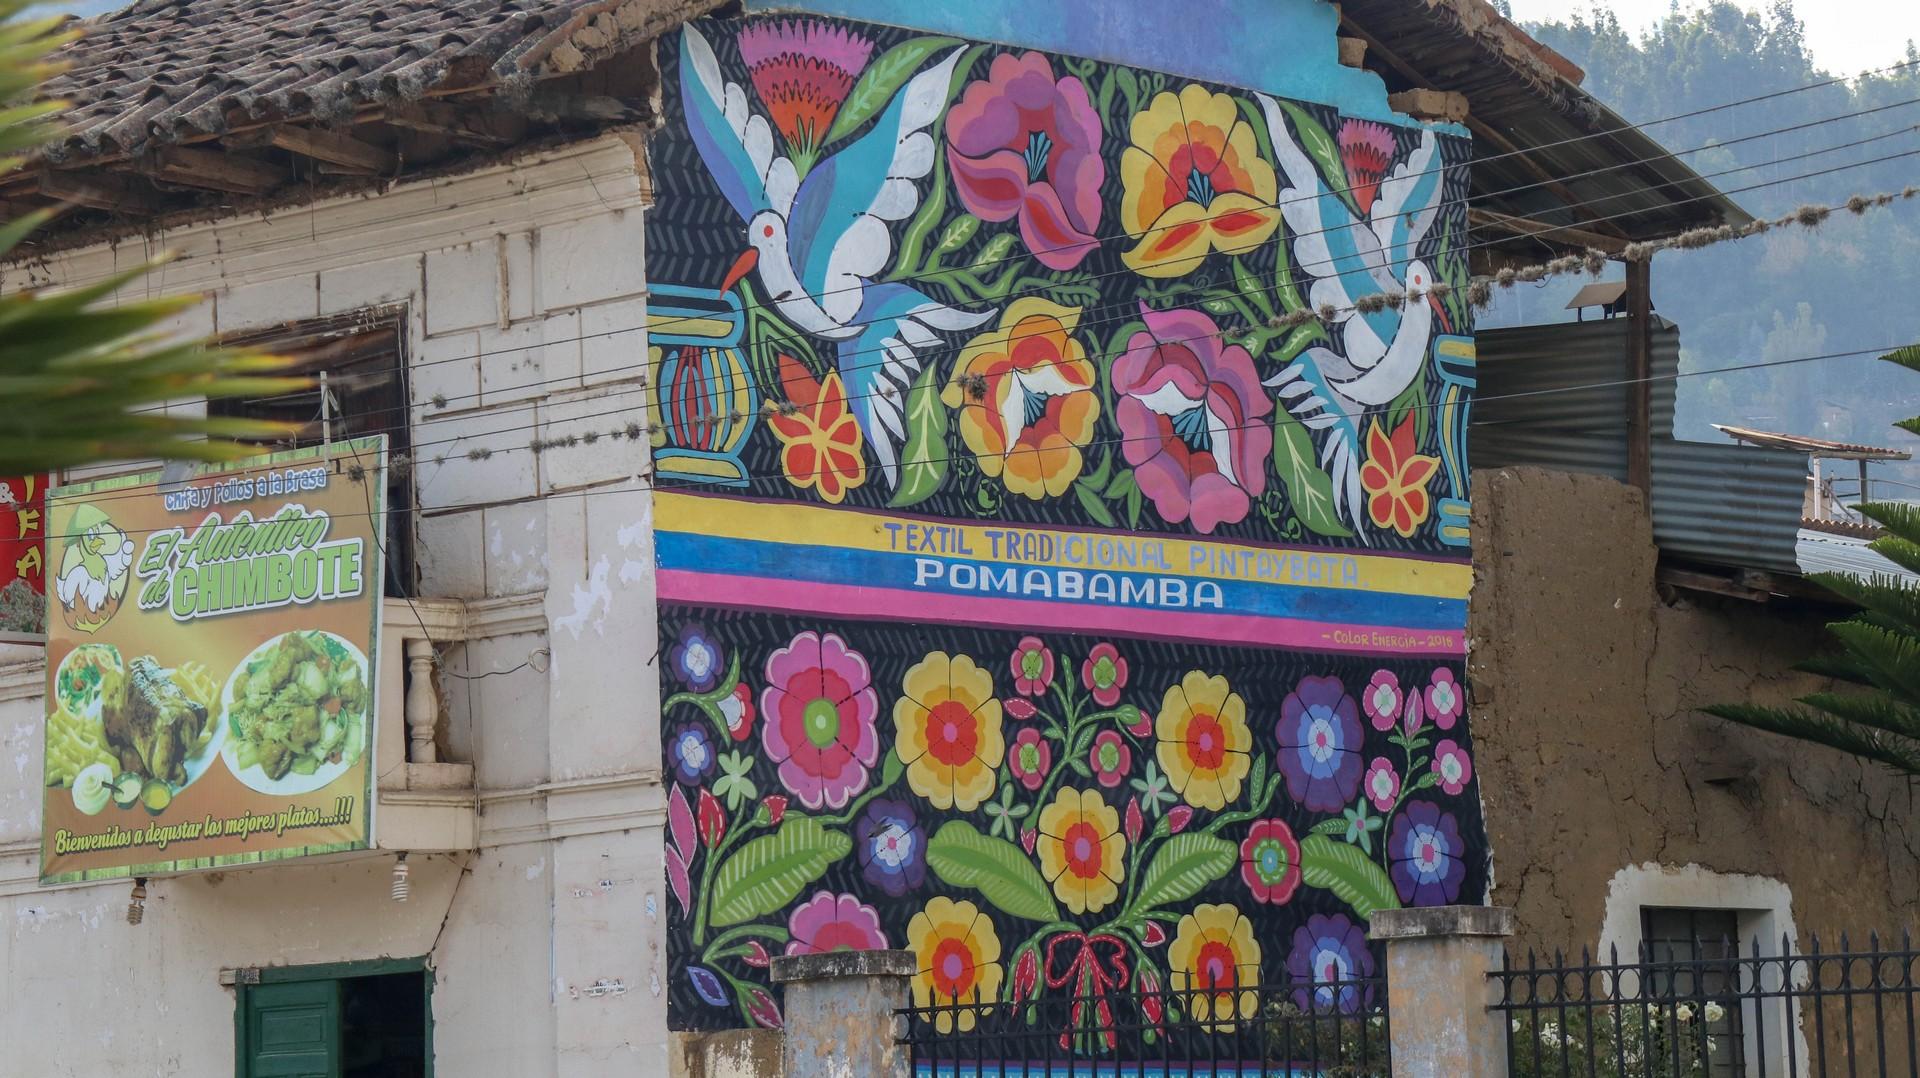 2019-05-12 Pomabamba_Llumpa-14